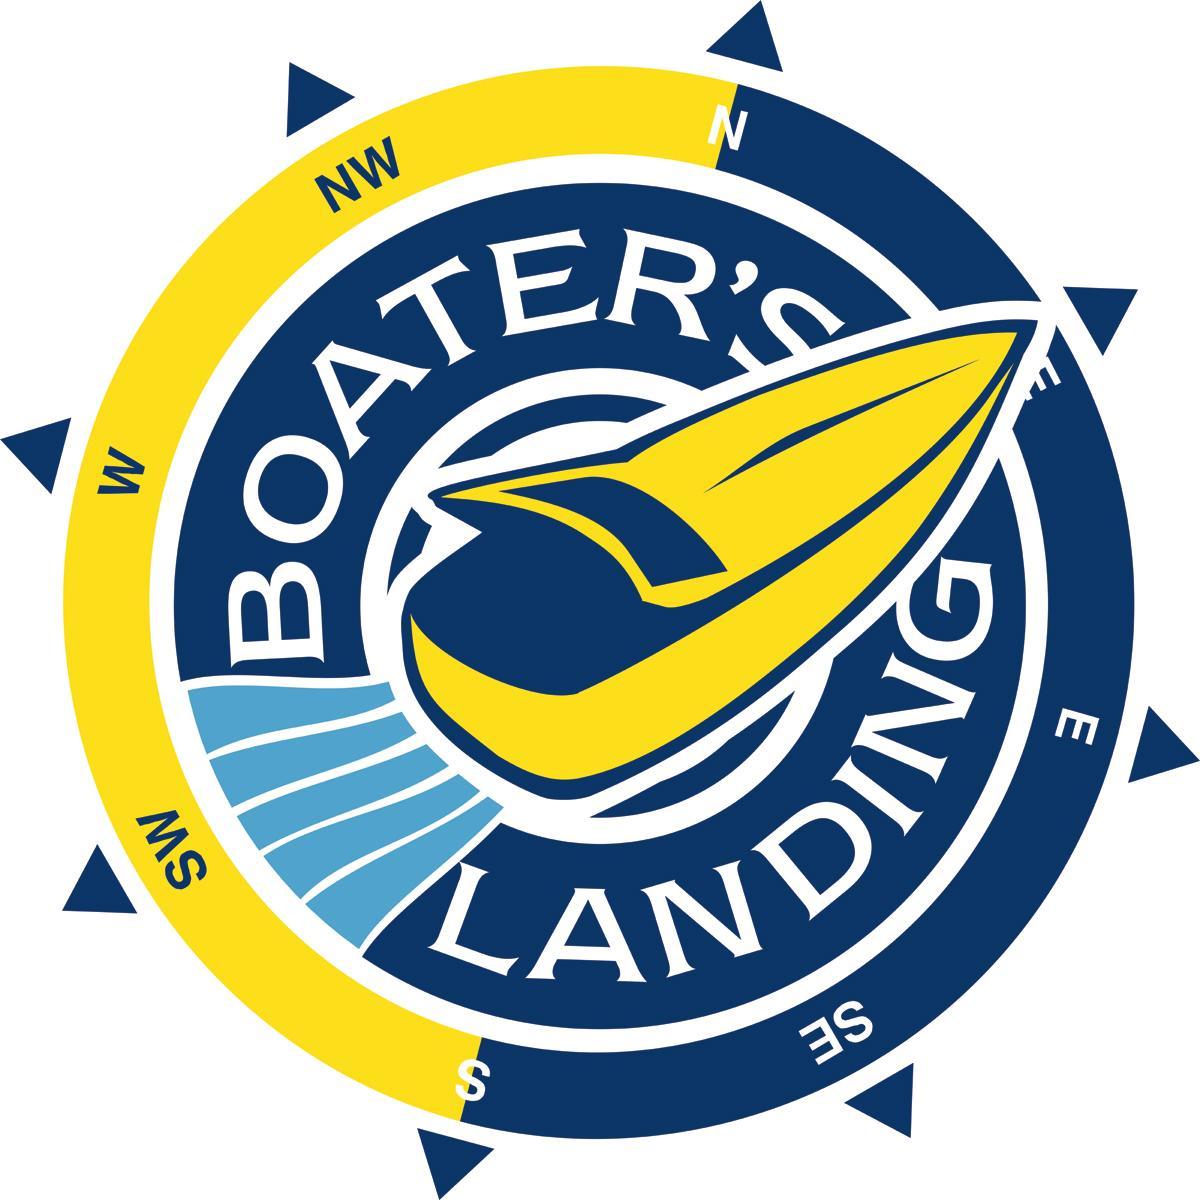 Boater's Landing